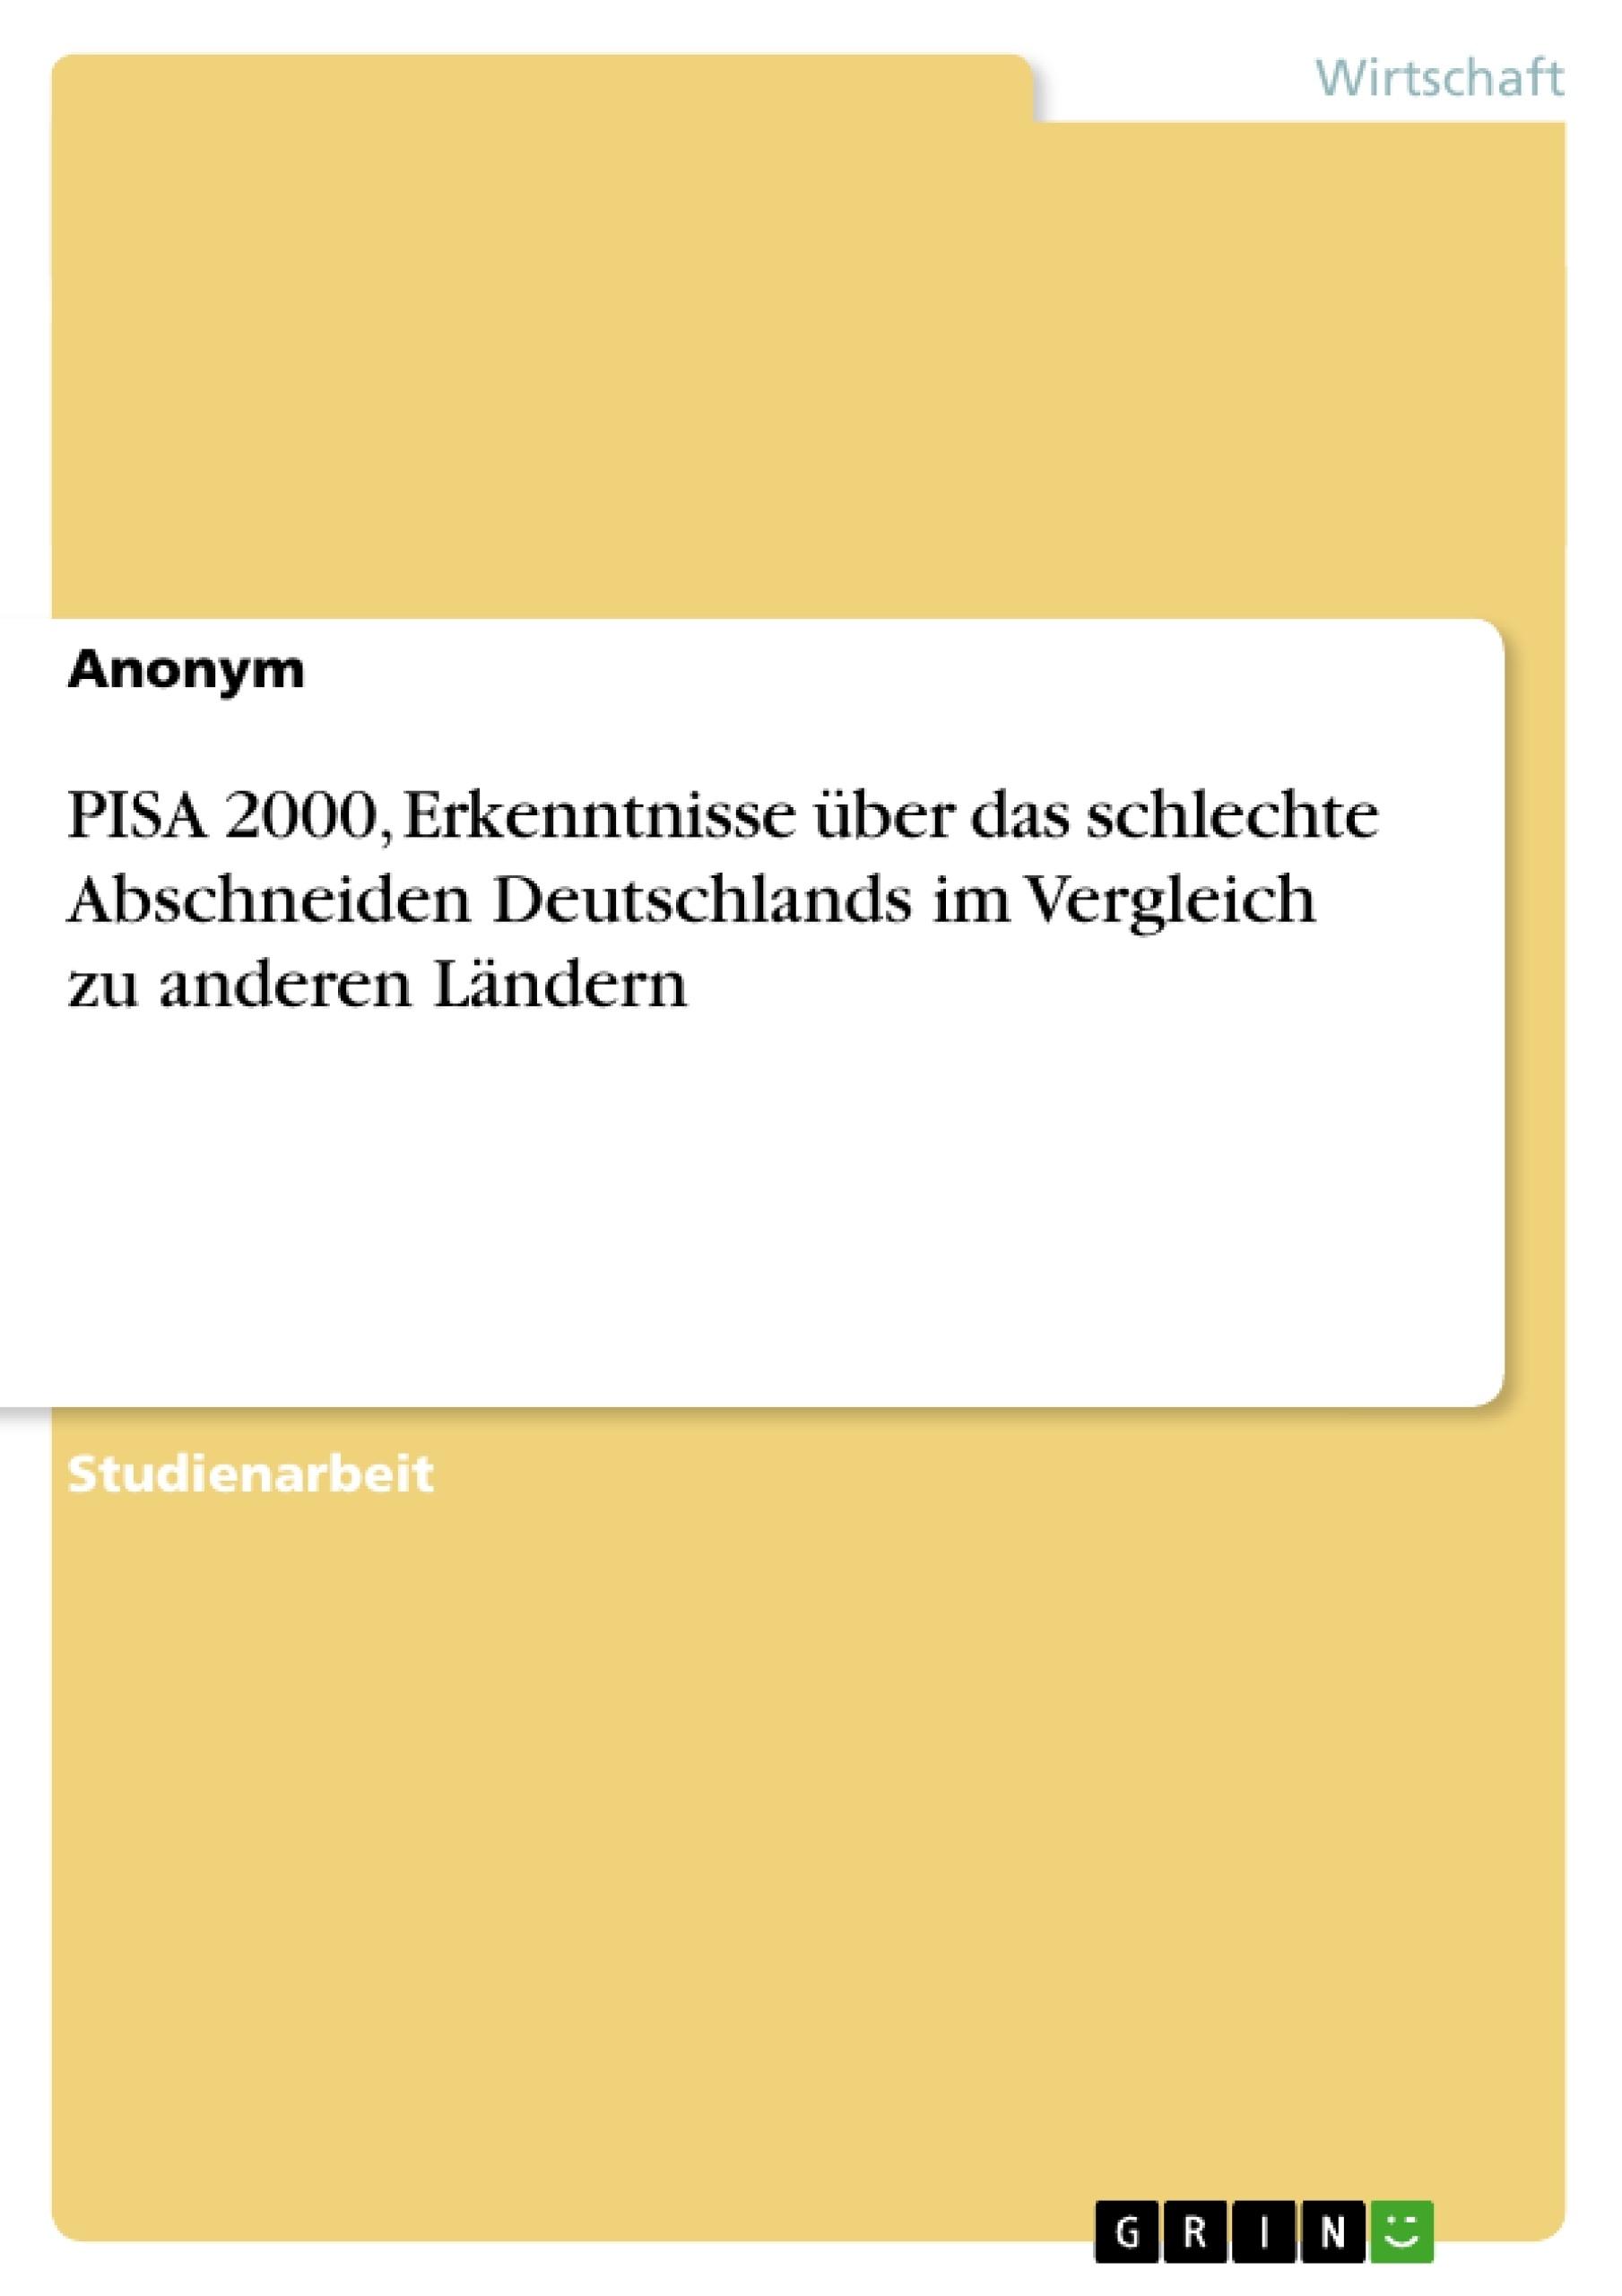 Titel: PISA 2000, Erkenntnisse über das schlechte Abschneiden Deutschlands im Vergleich zu anderen Ländern